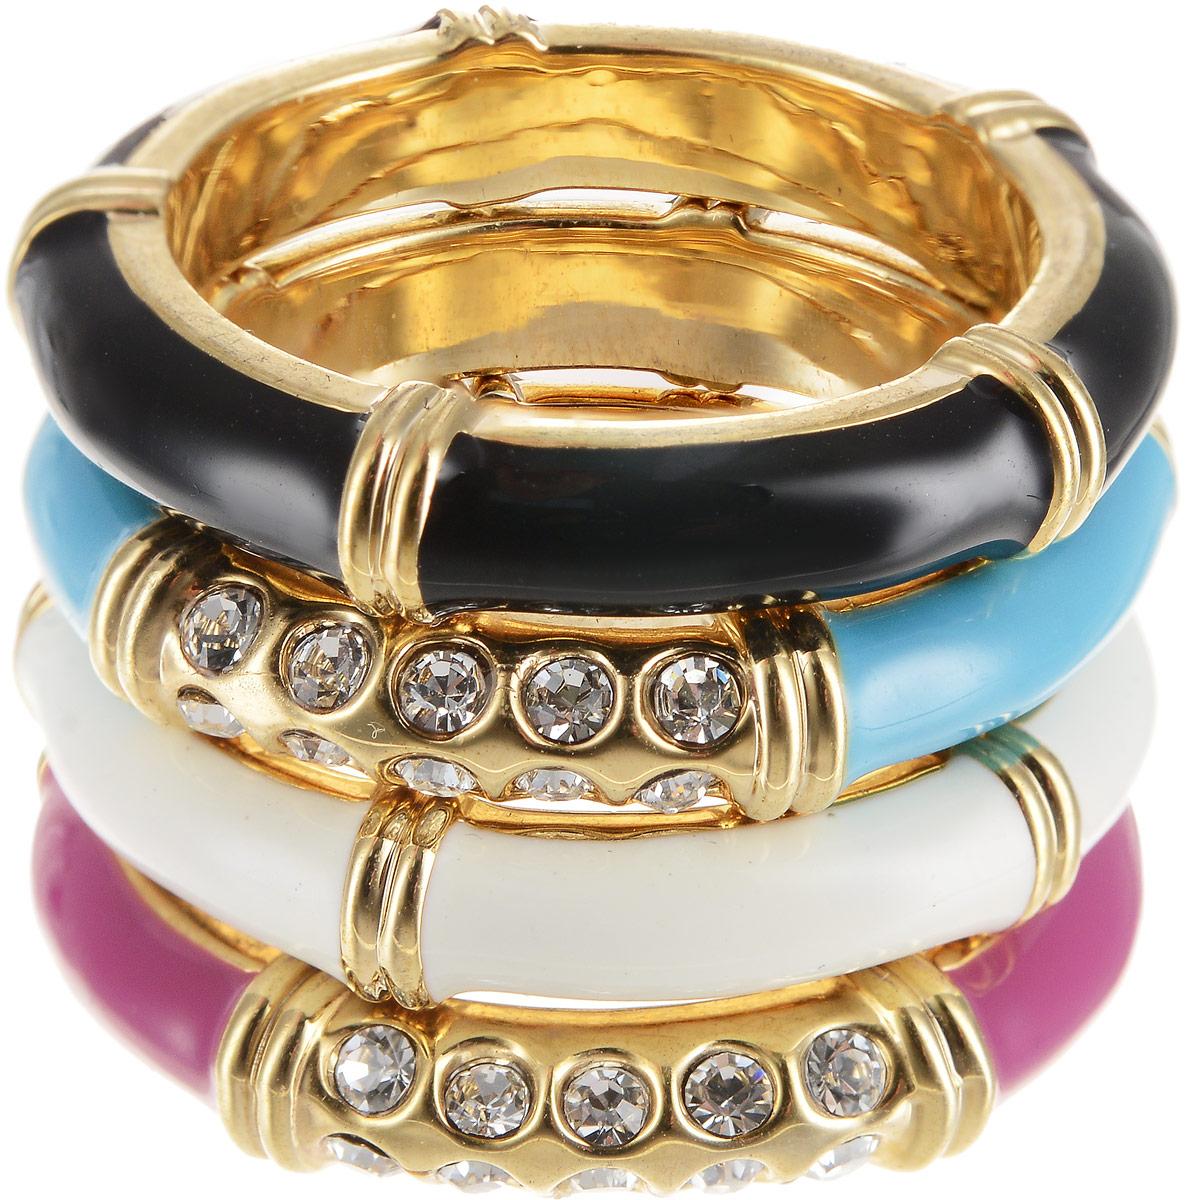 Кольцо женское Art-Silver, цвет: золотой. 00608-1154. Размер 17,500608-1154Бижутерный сплав, эмаль, куб.циркон, золото 0,01мкрн.